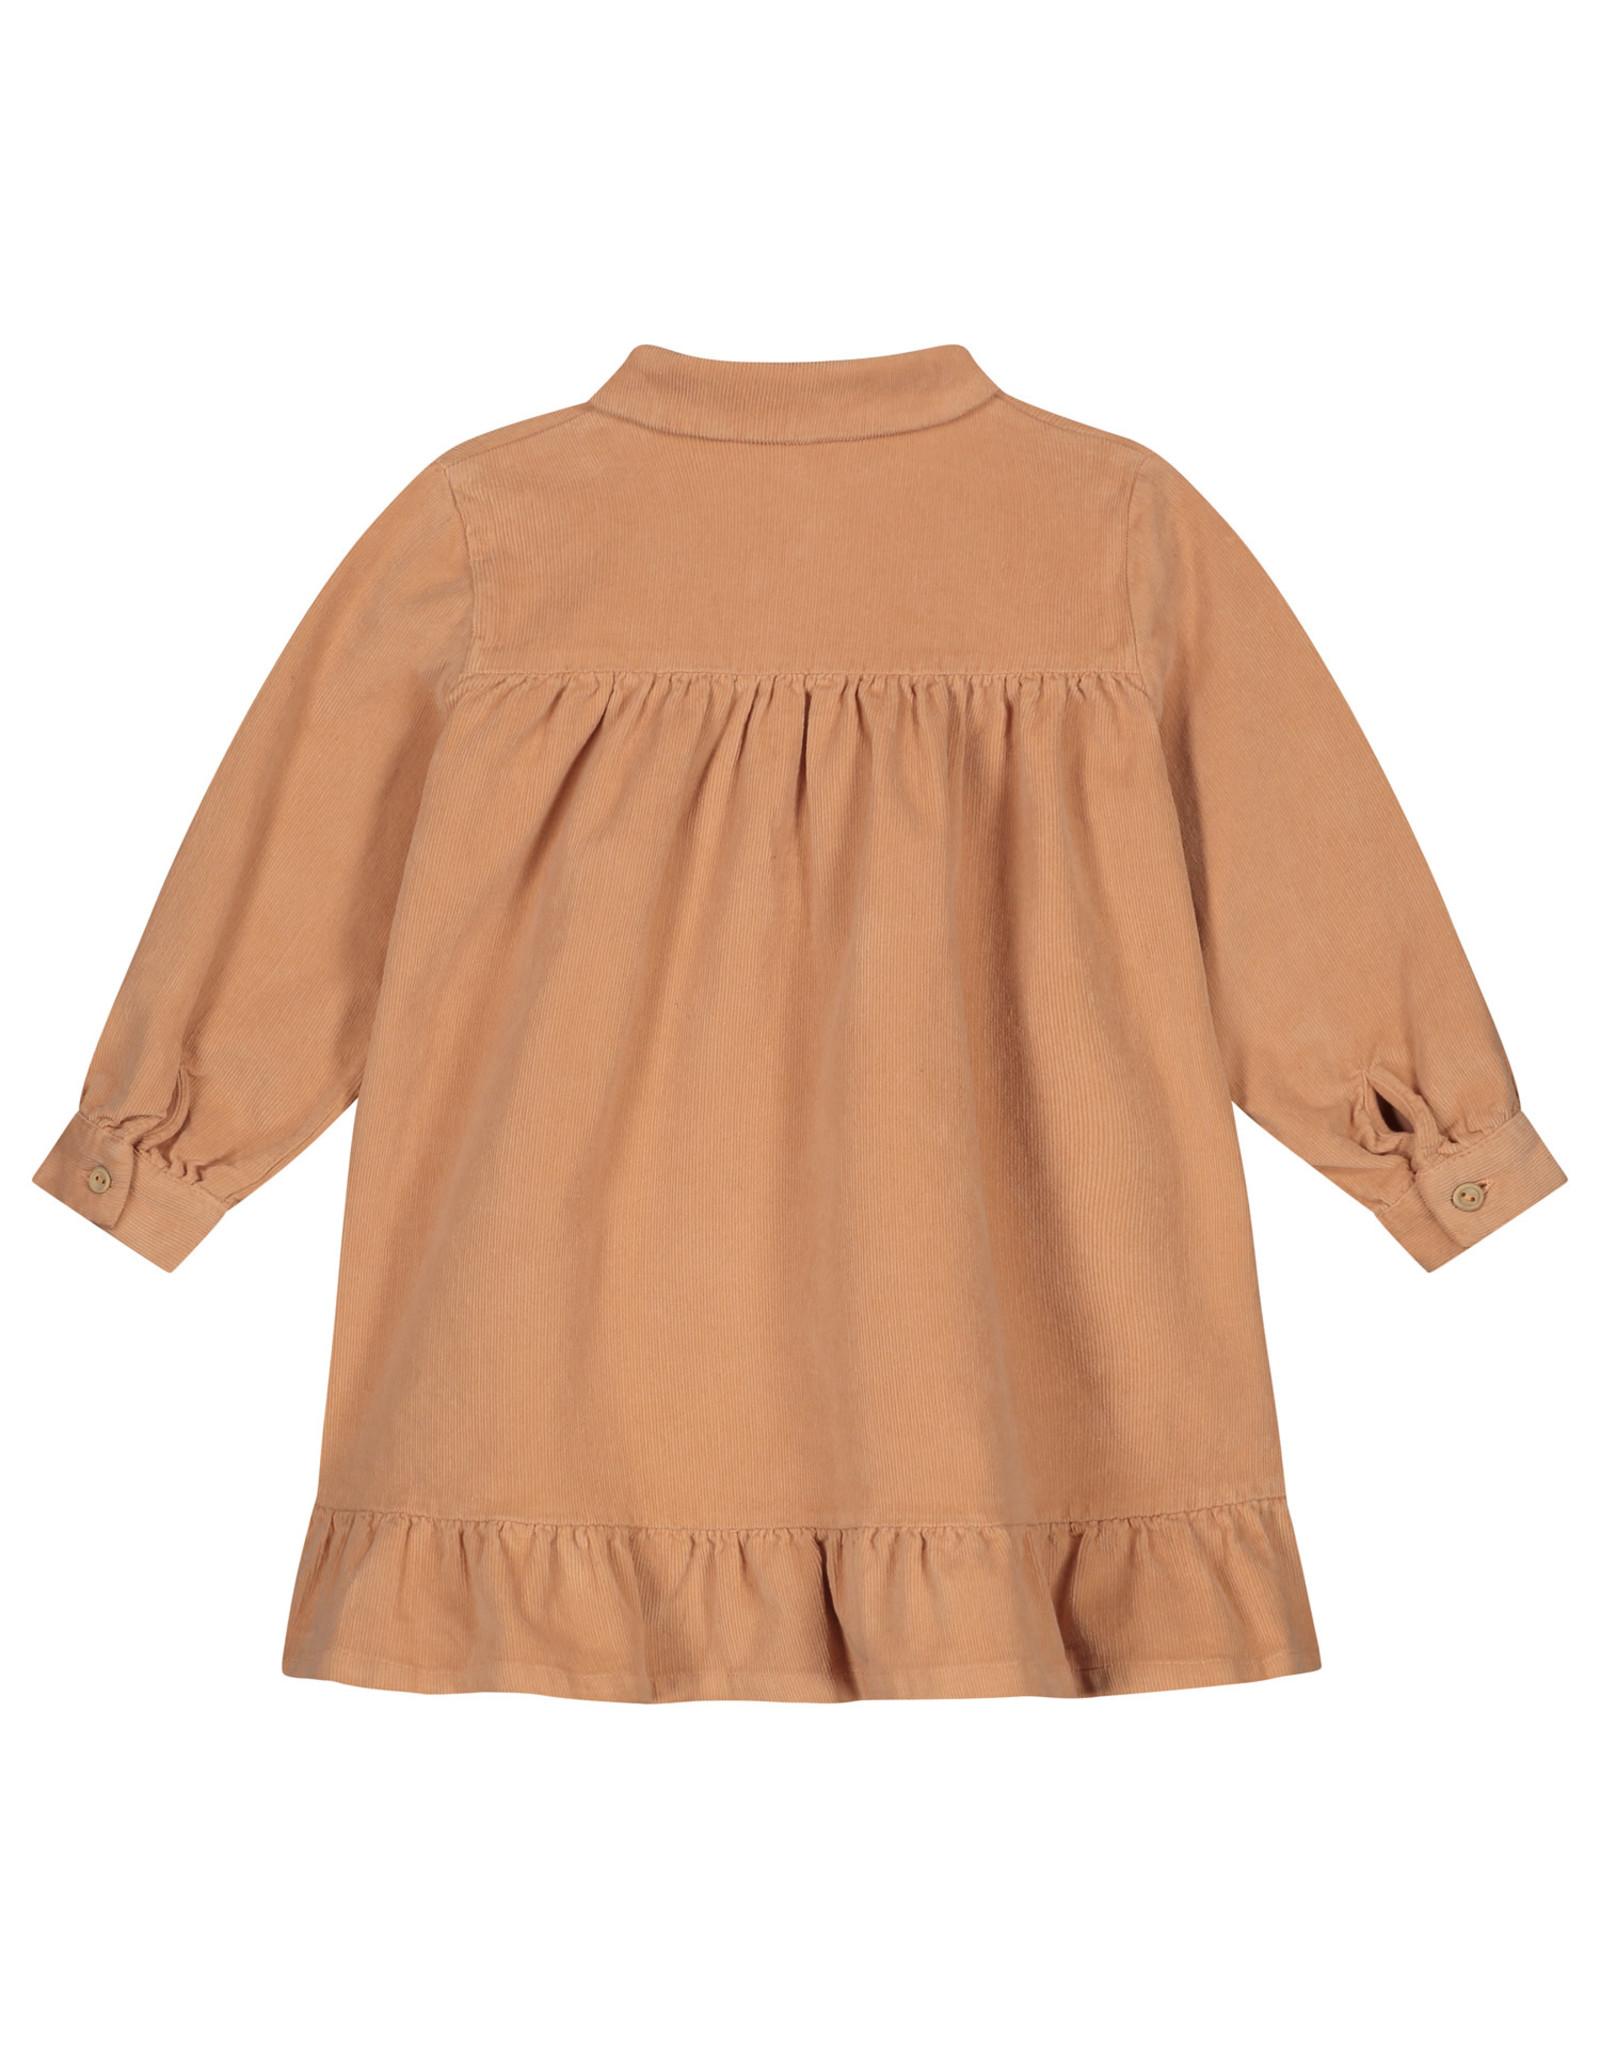 Daily Brat Lilyan corduroy dress copper rose